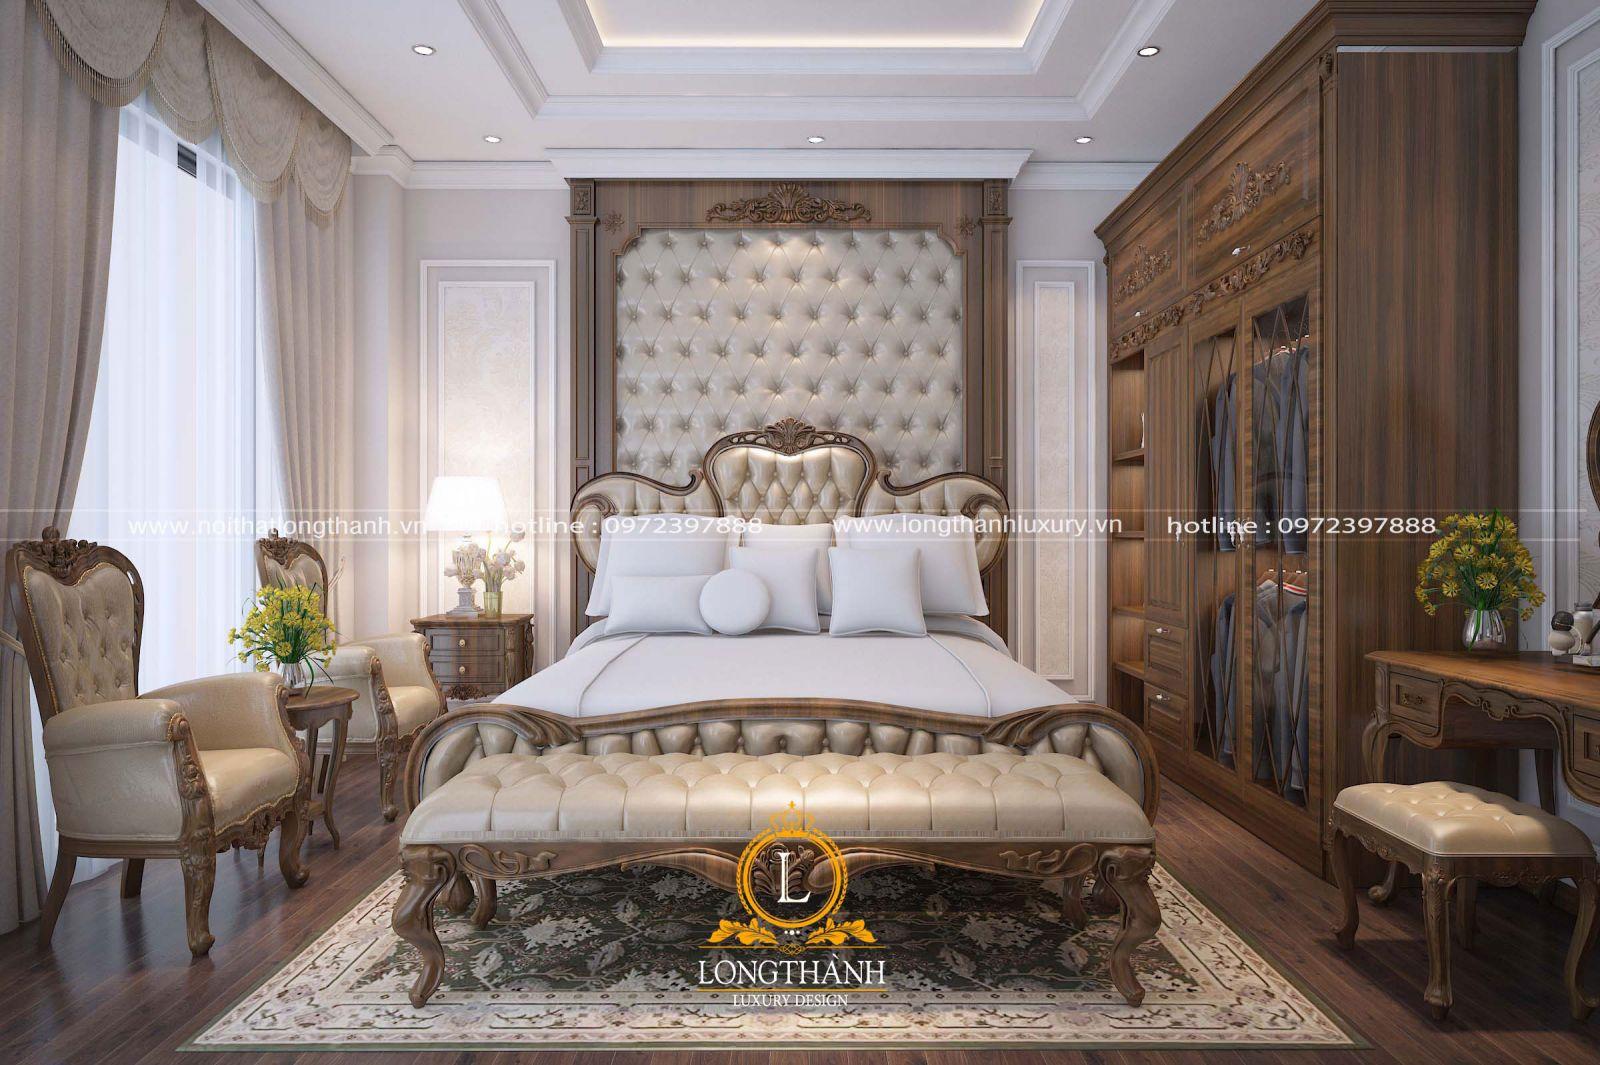 Nội thất phòng ngủ cao cấp cùng gỗ Óc chó tự nhiên